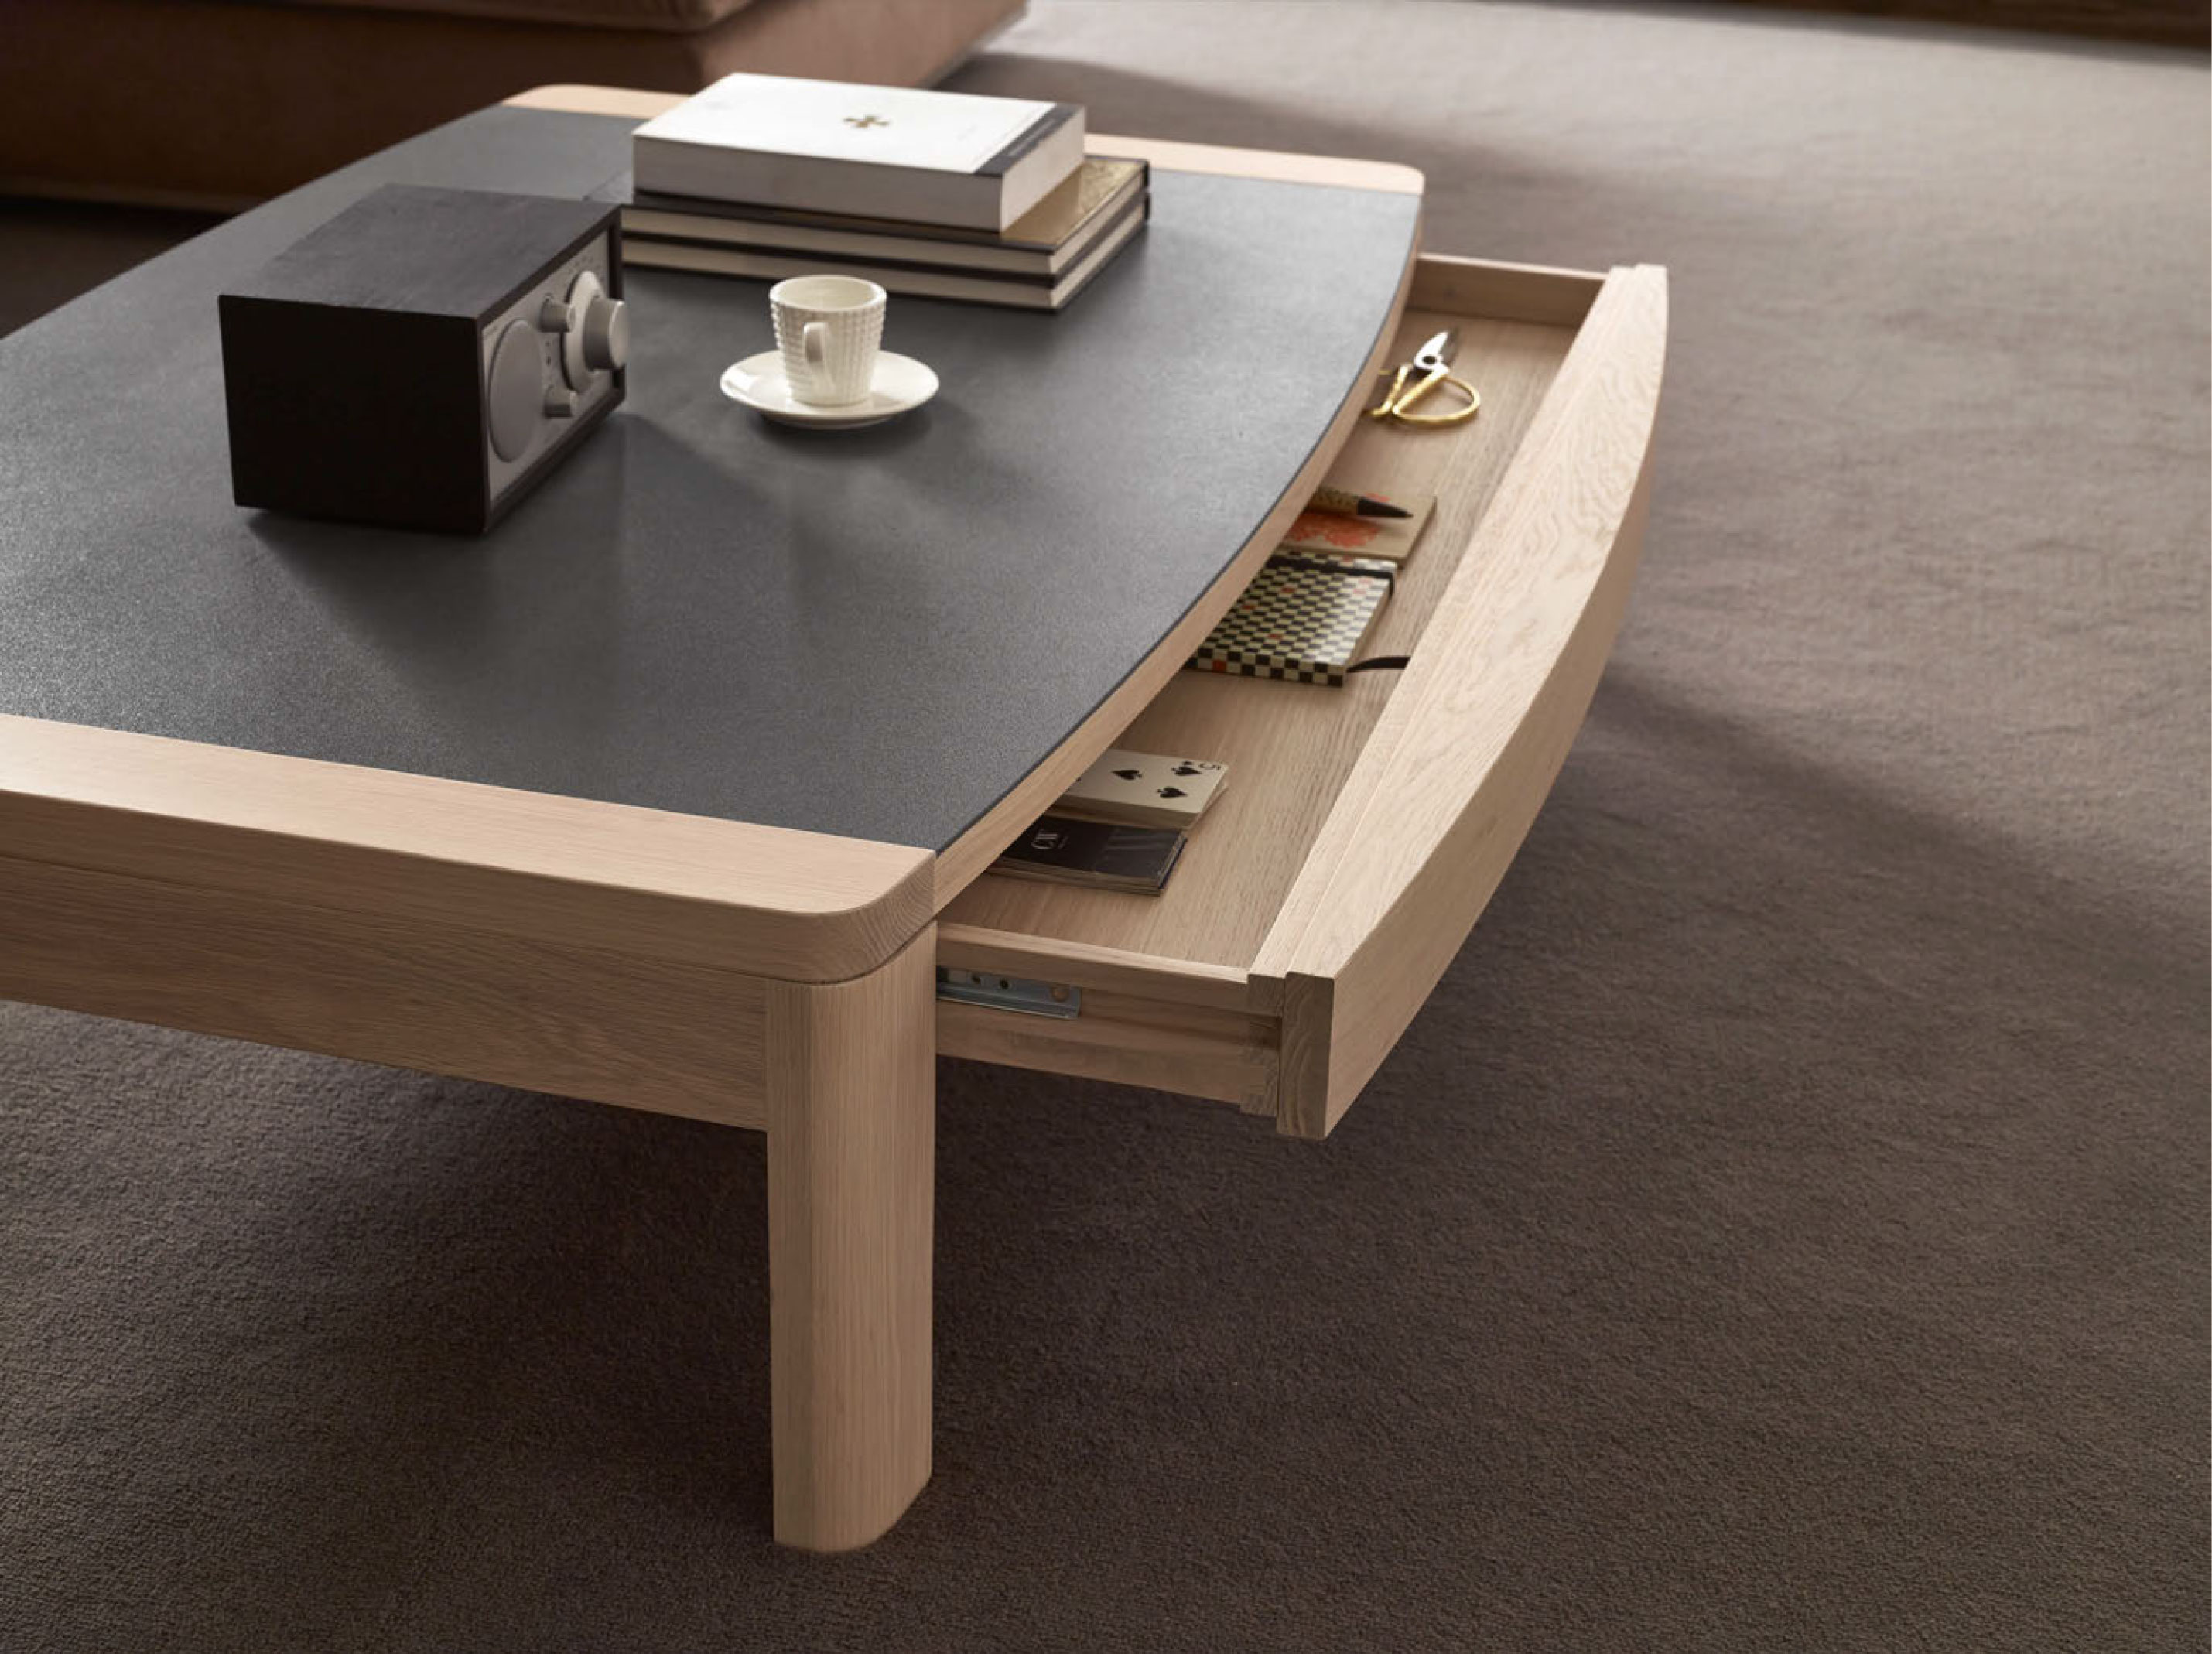 table basse design ceramique. Black Bedroom Furniture Sets. Home Design Ideas